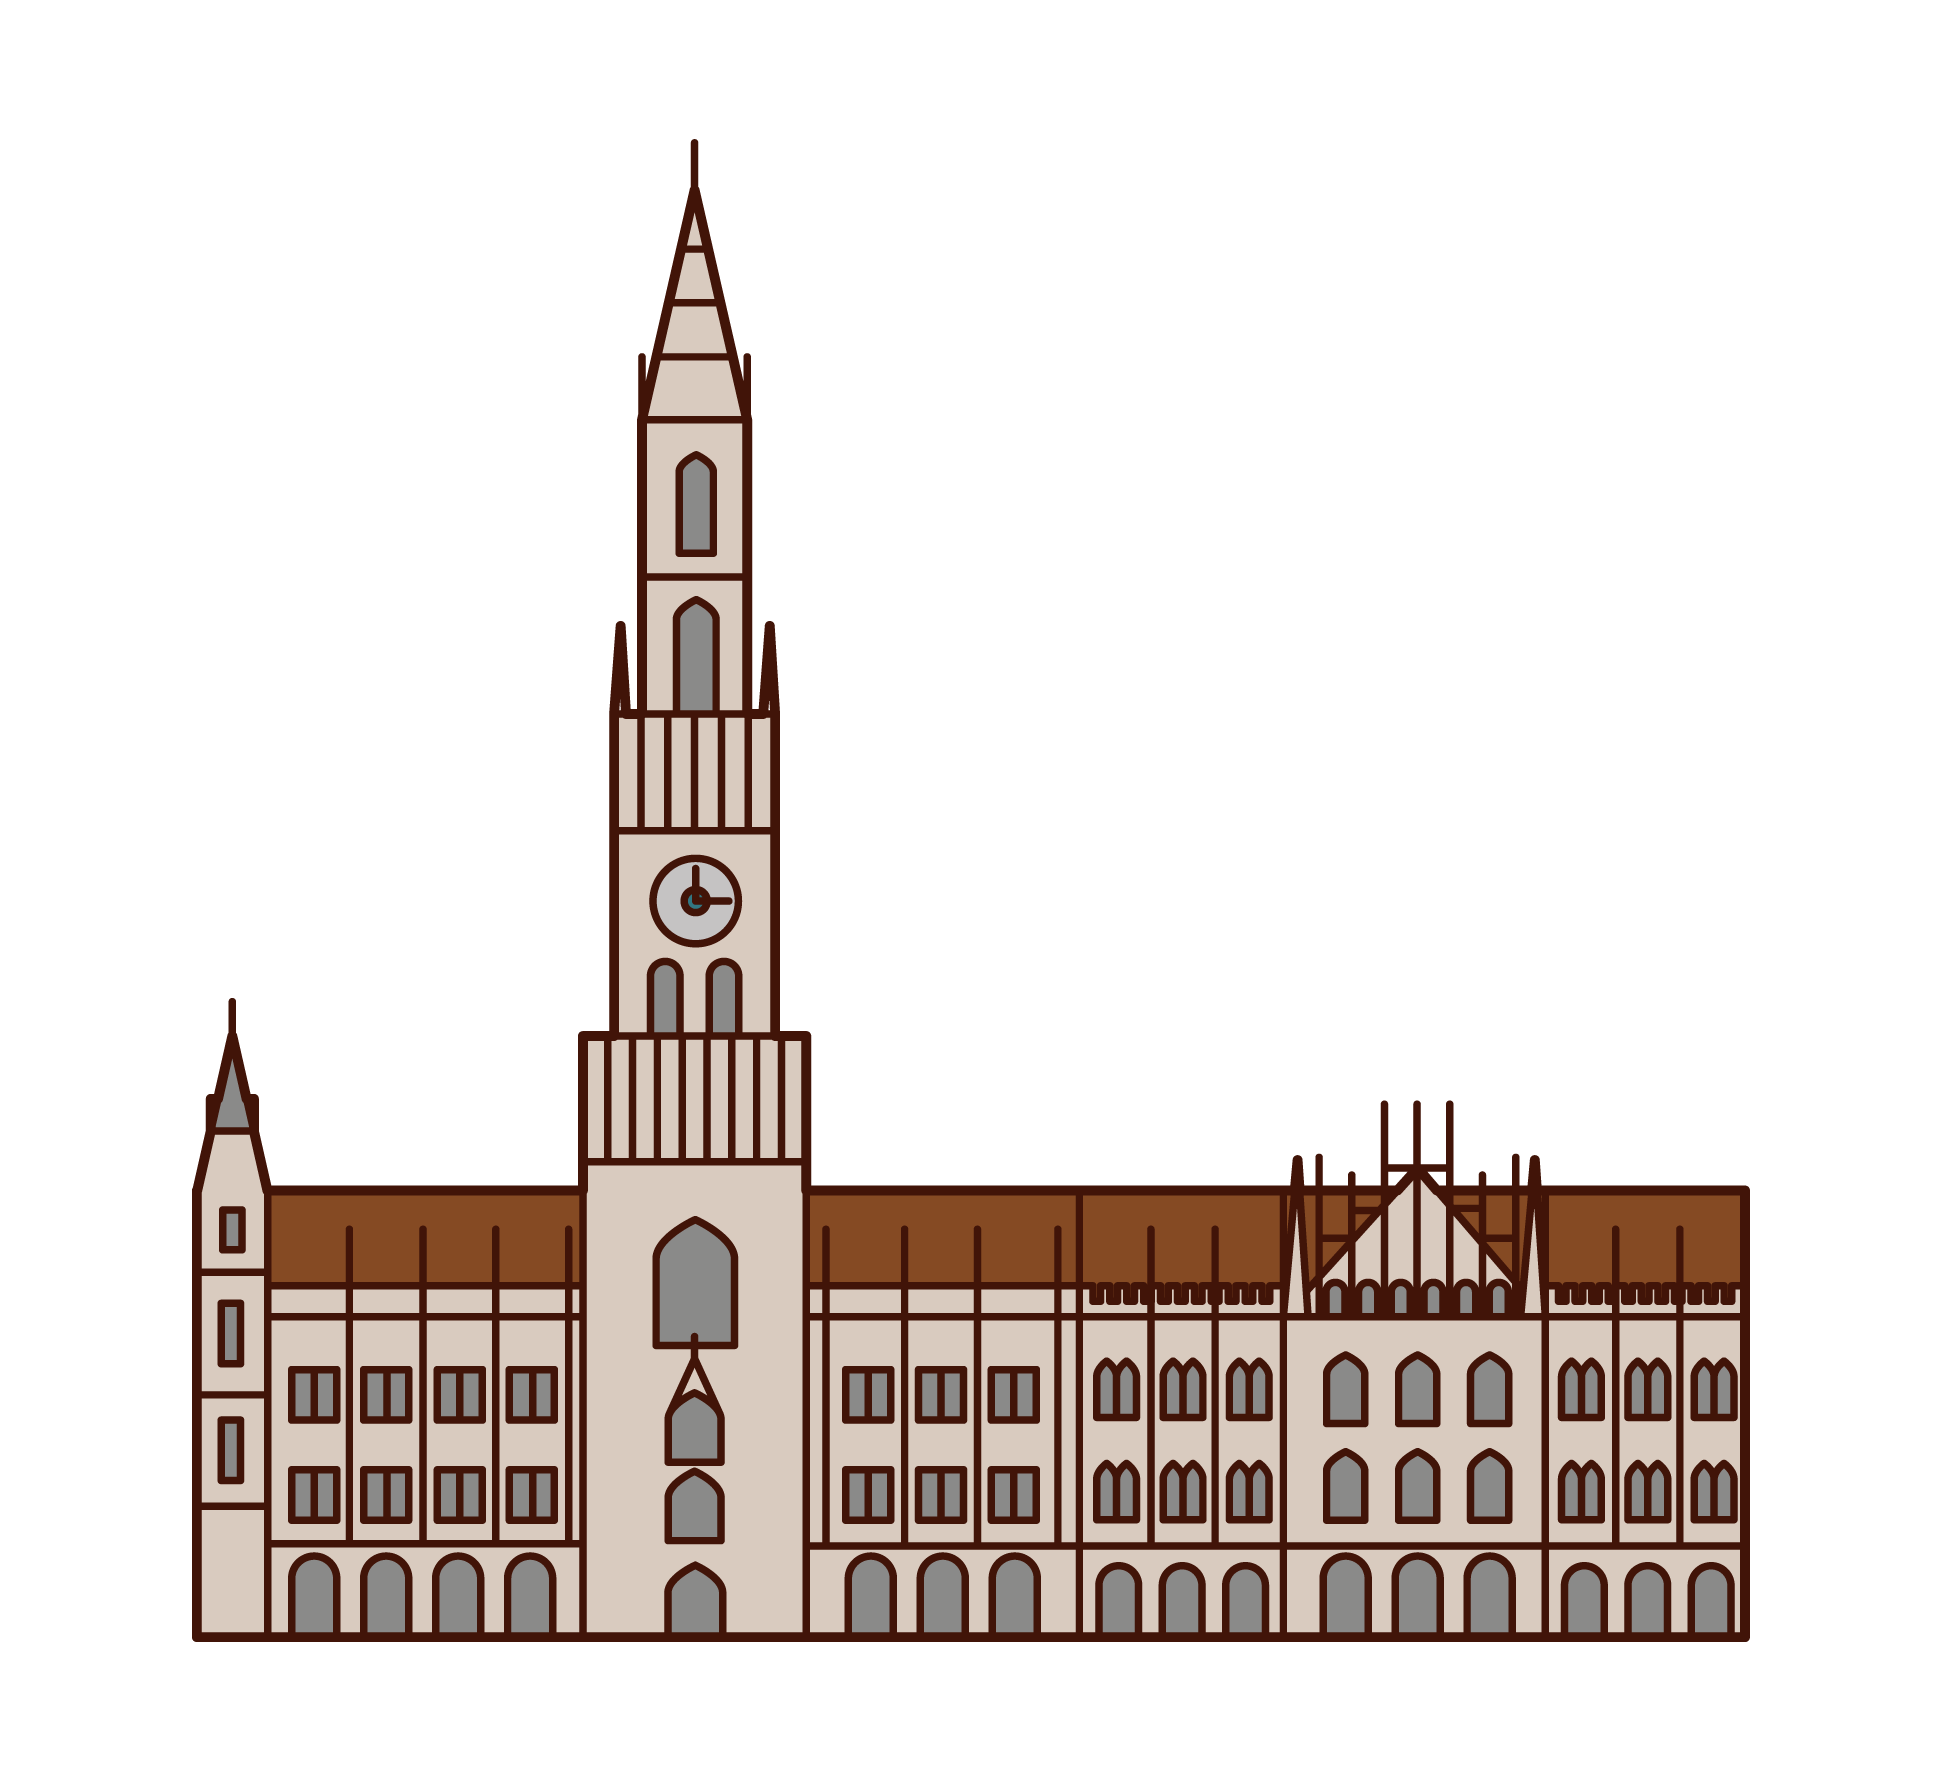 ミュンヘン新市庁舎のイラスト